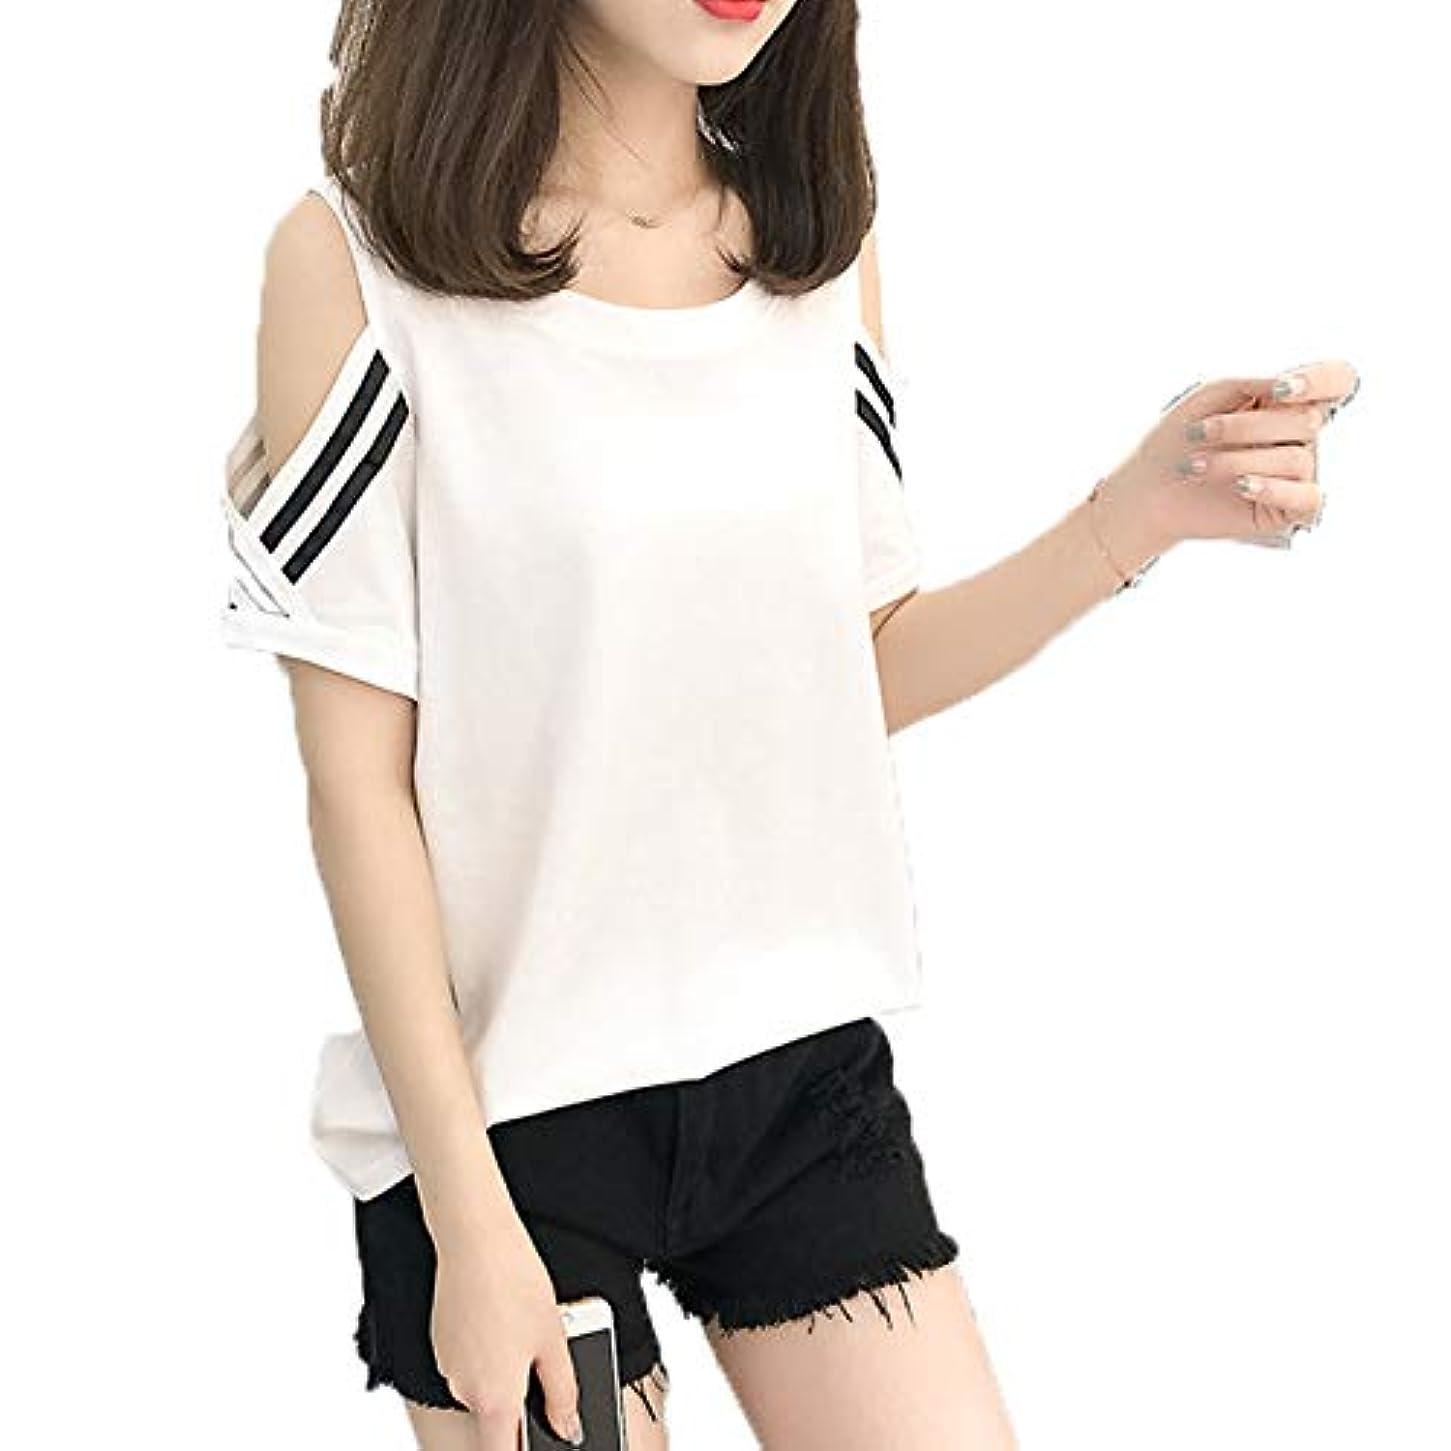 対応する企業化合物[ココチエ] Tシャツ ライン プルオーバー レディース 肩出し 半袖 かっこいい かわいい おしゃれ レッド イエロー ホワイト